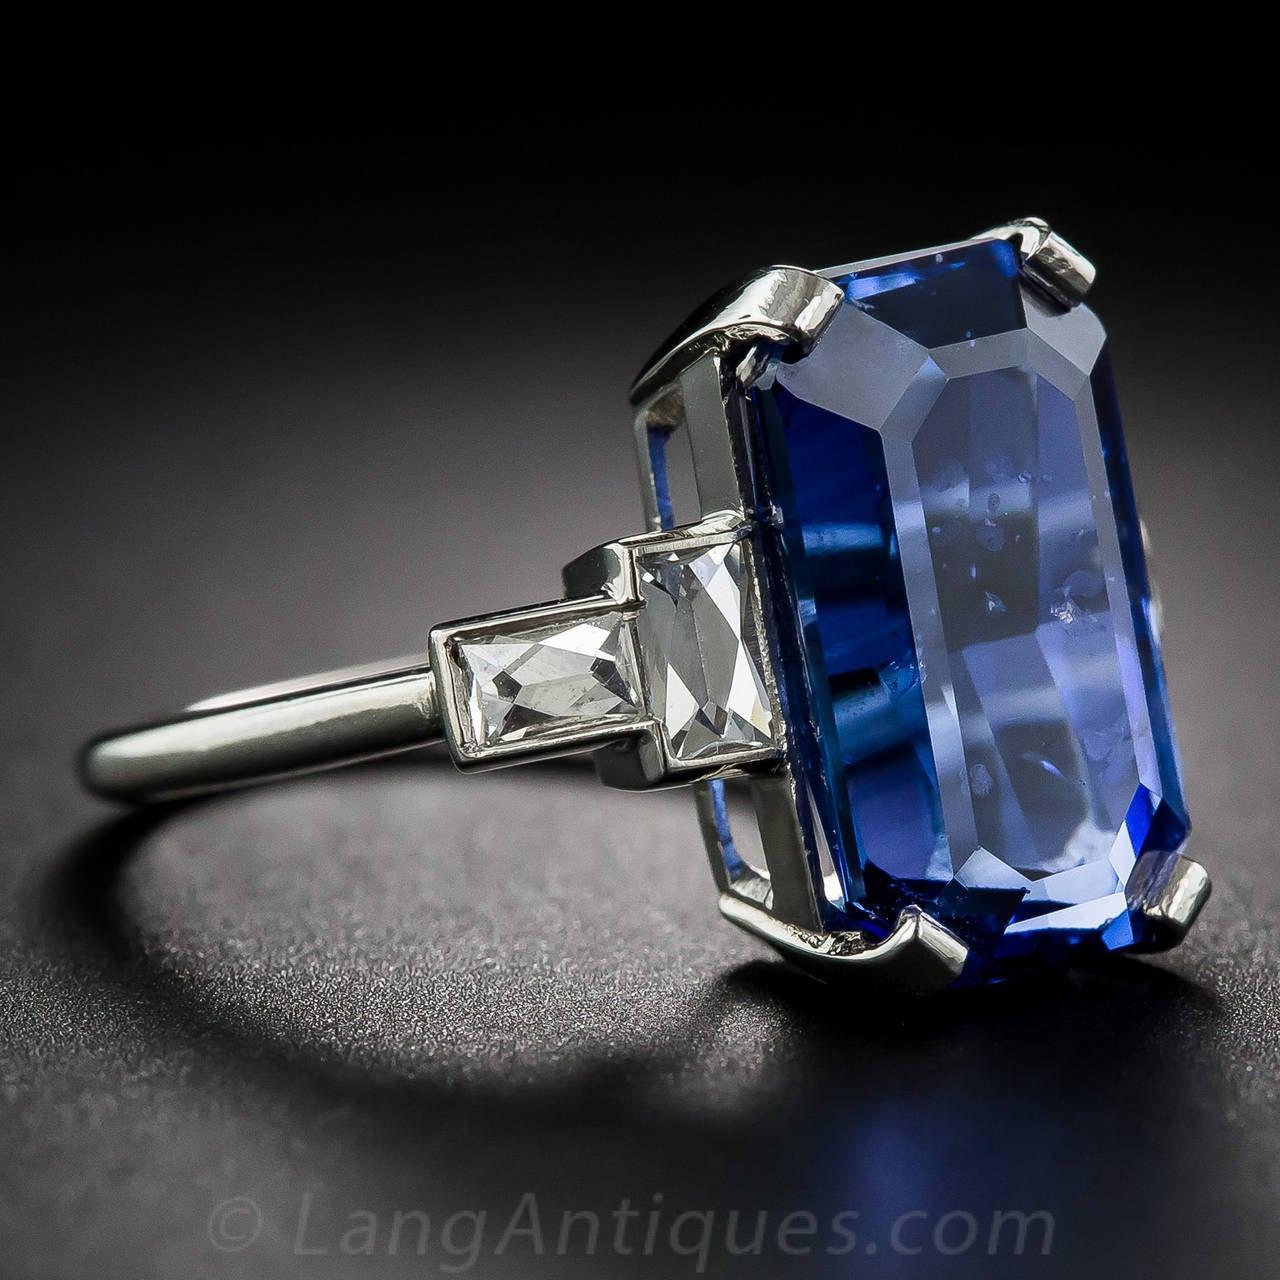 877 Carat Emeraldcut Sapphire Diamond Platinum Ring 3